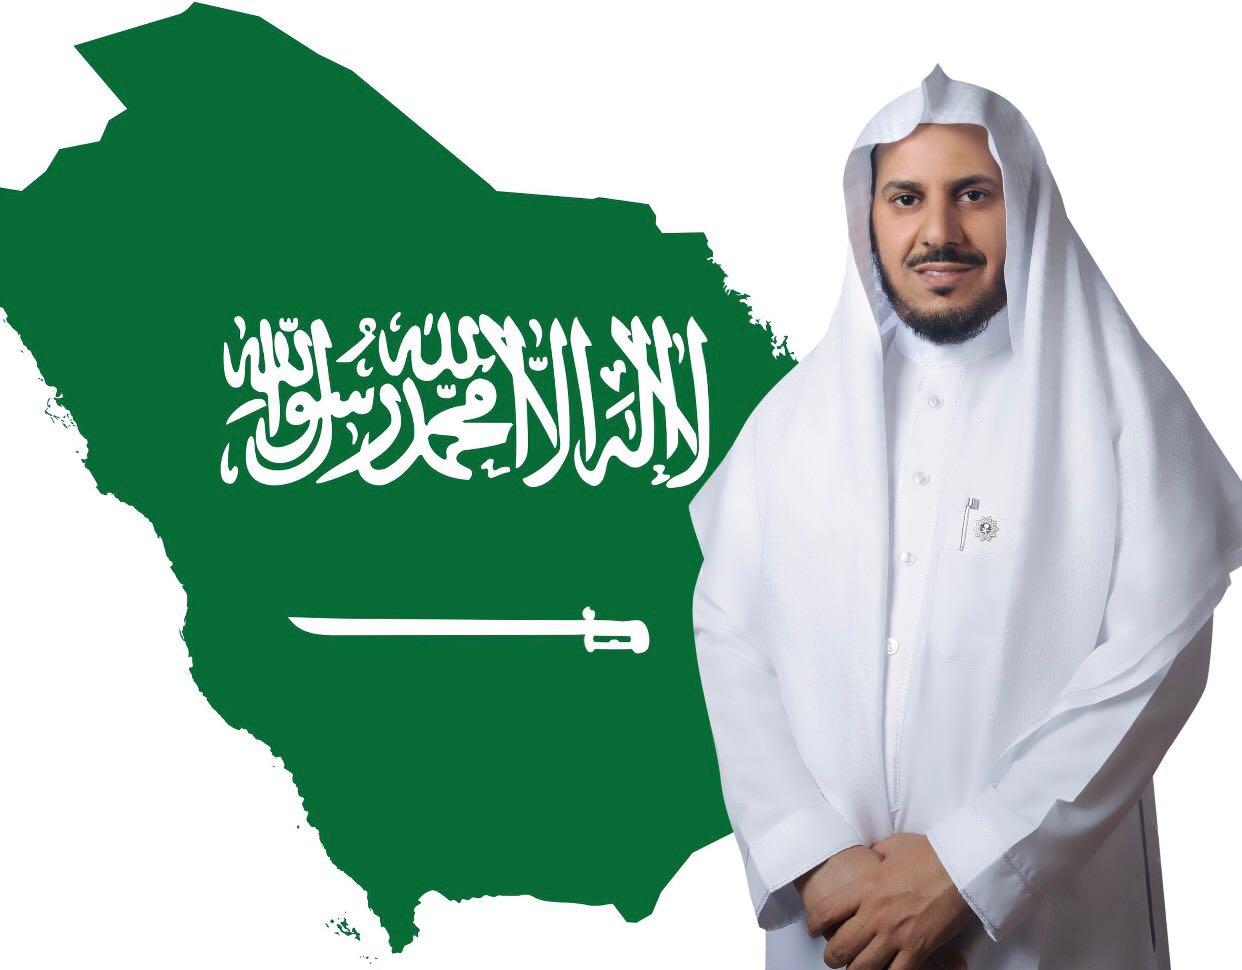 السعودية حنكة سياسية وقوة اقتصادية